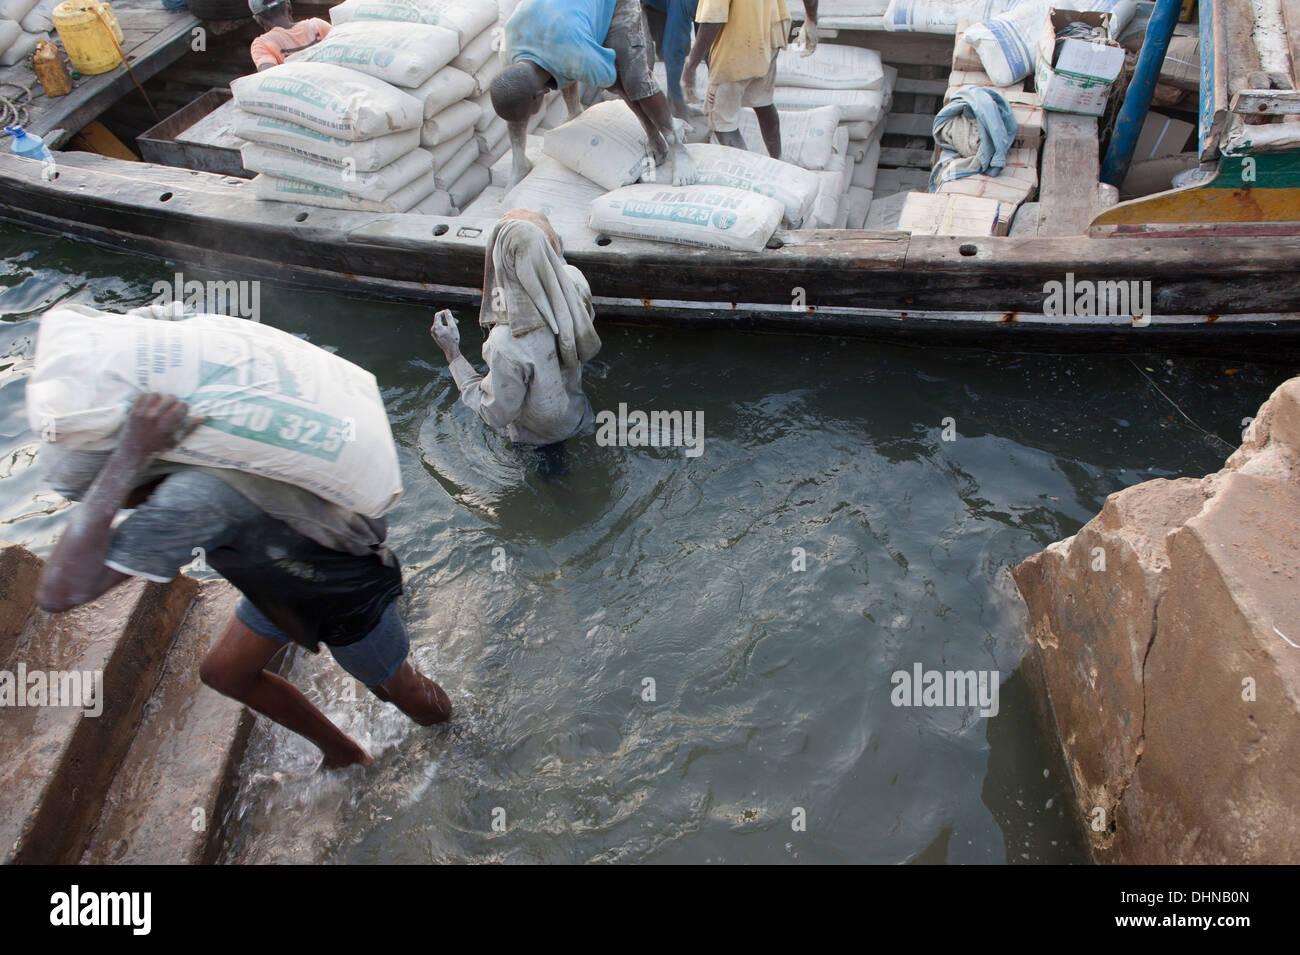 Men unload a boat in Lamu town, Kenya - Stock Image